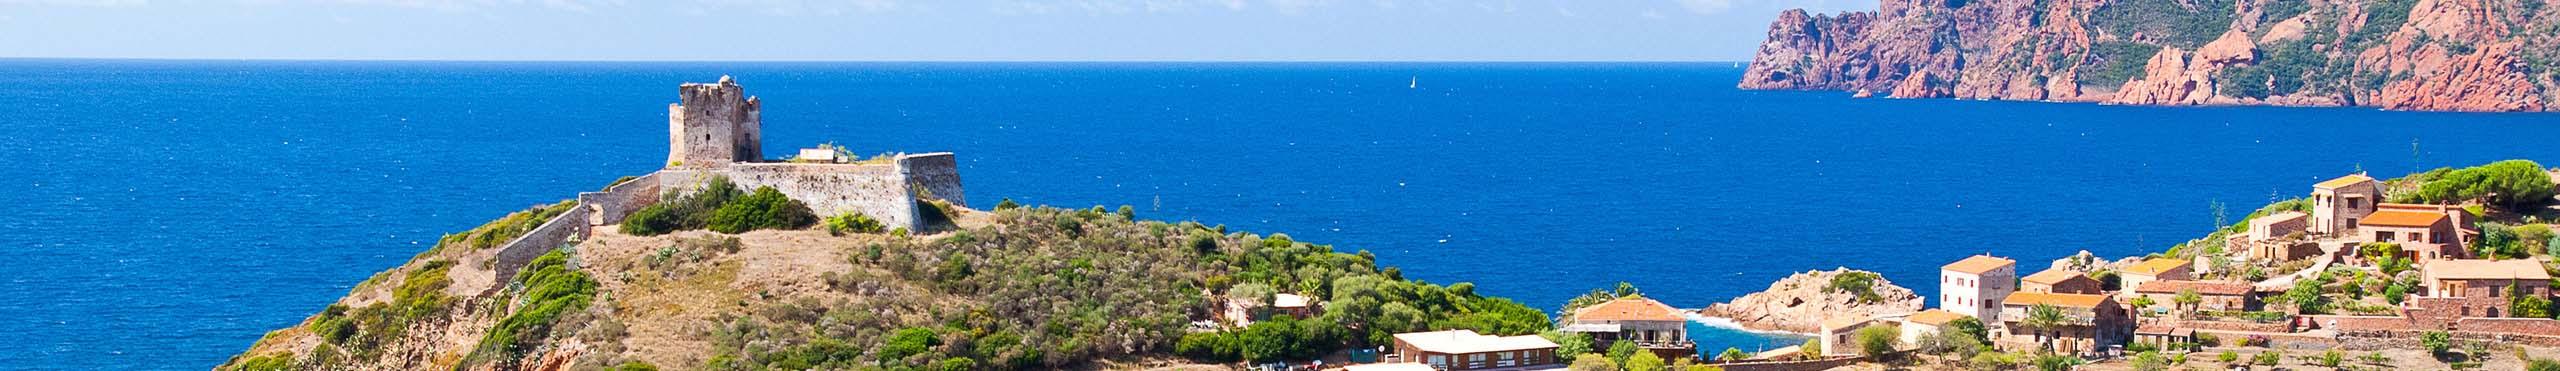 Défiscalisation : pourquoi investir dans un FIP Corse dès maintenant ?